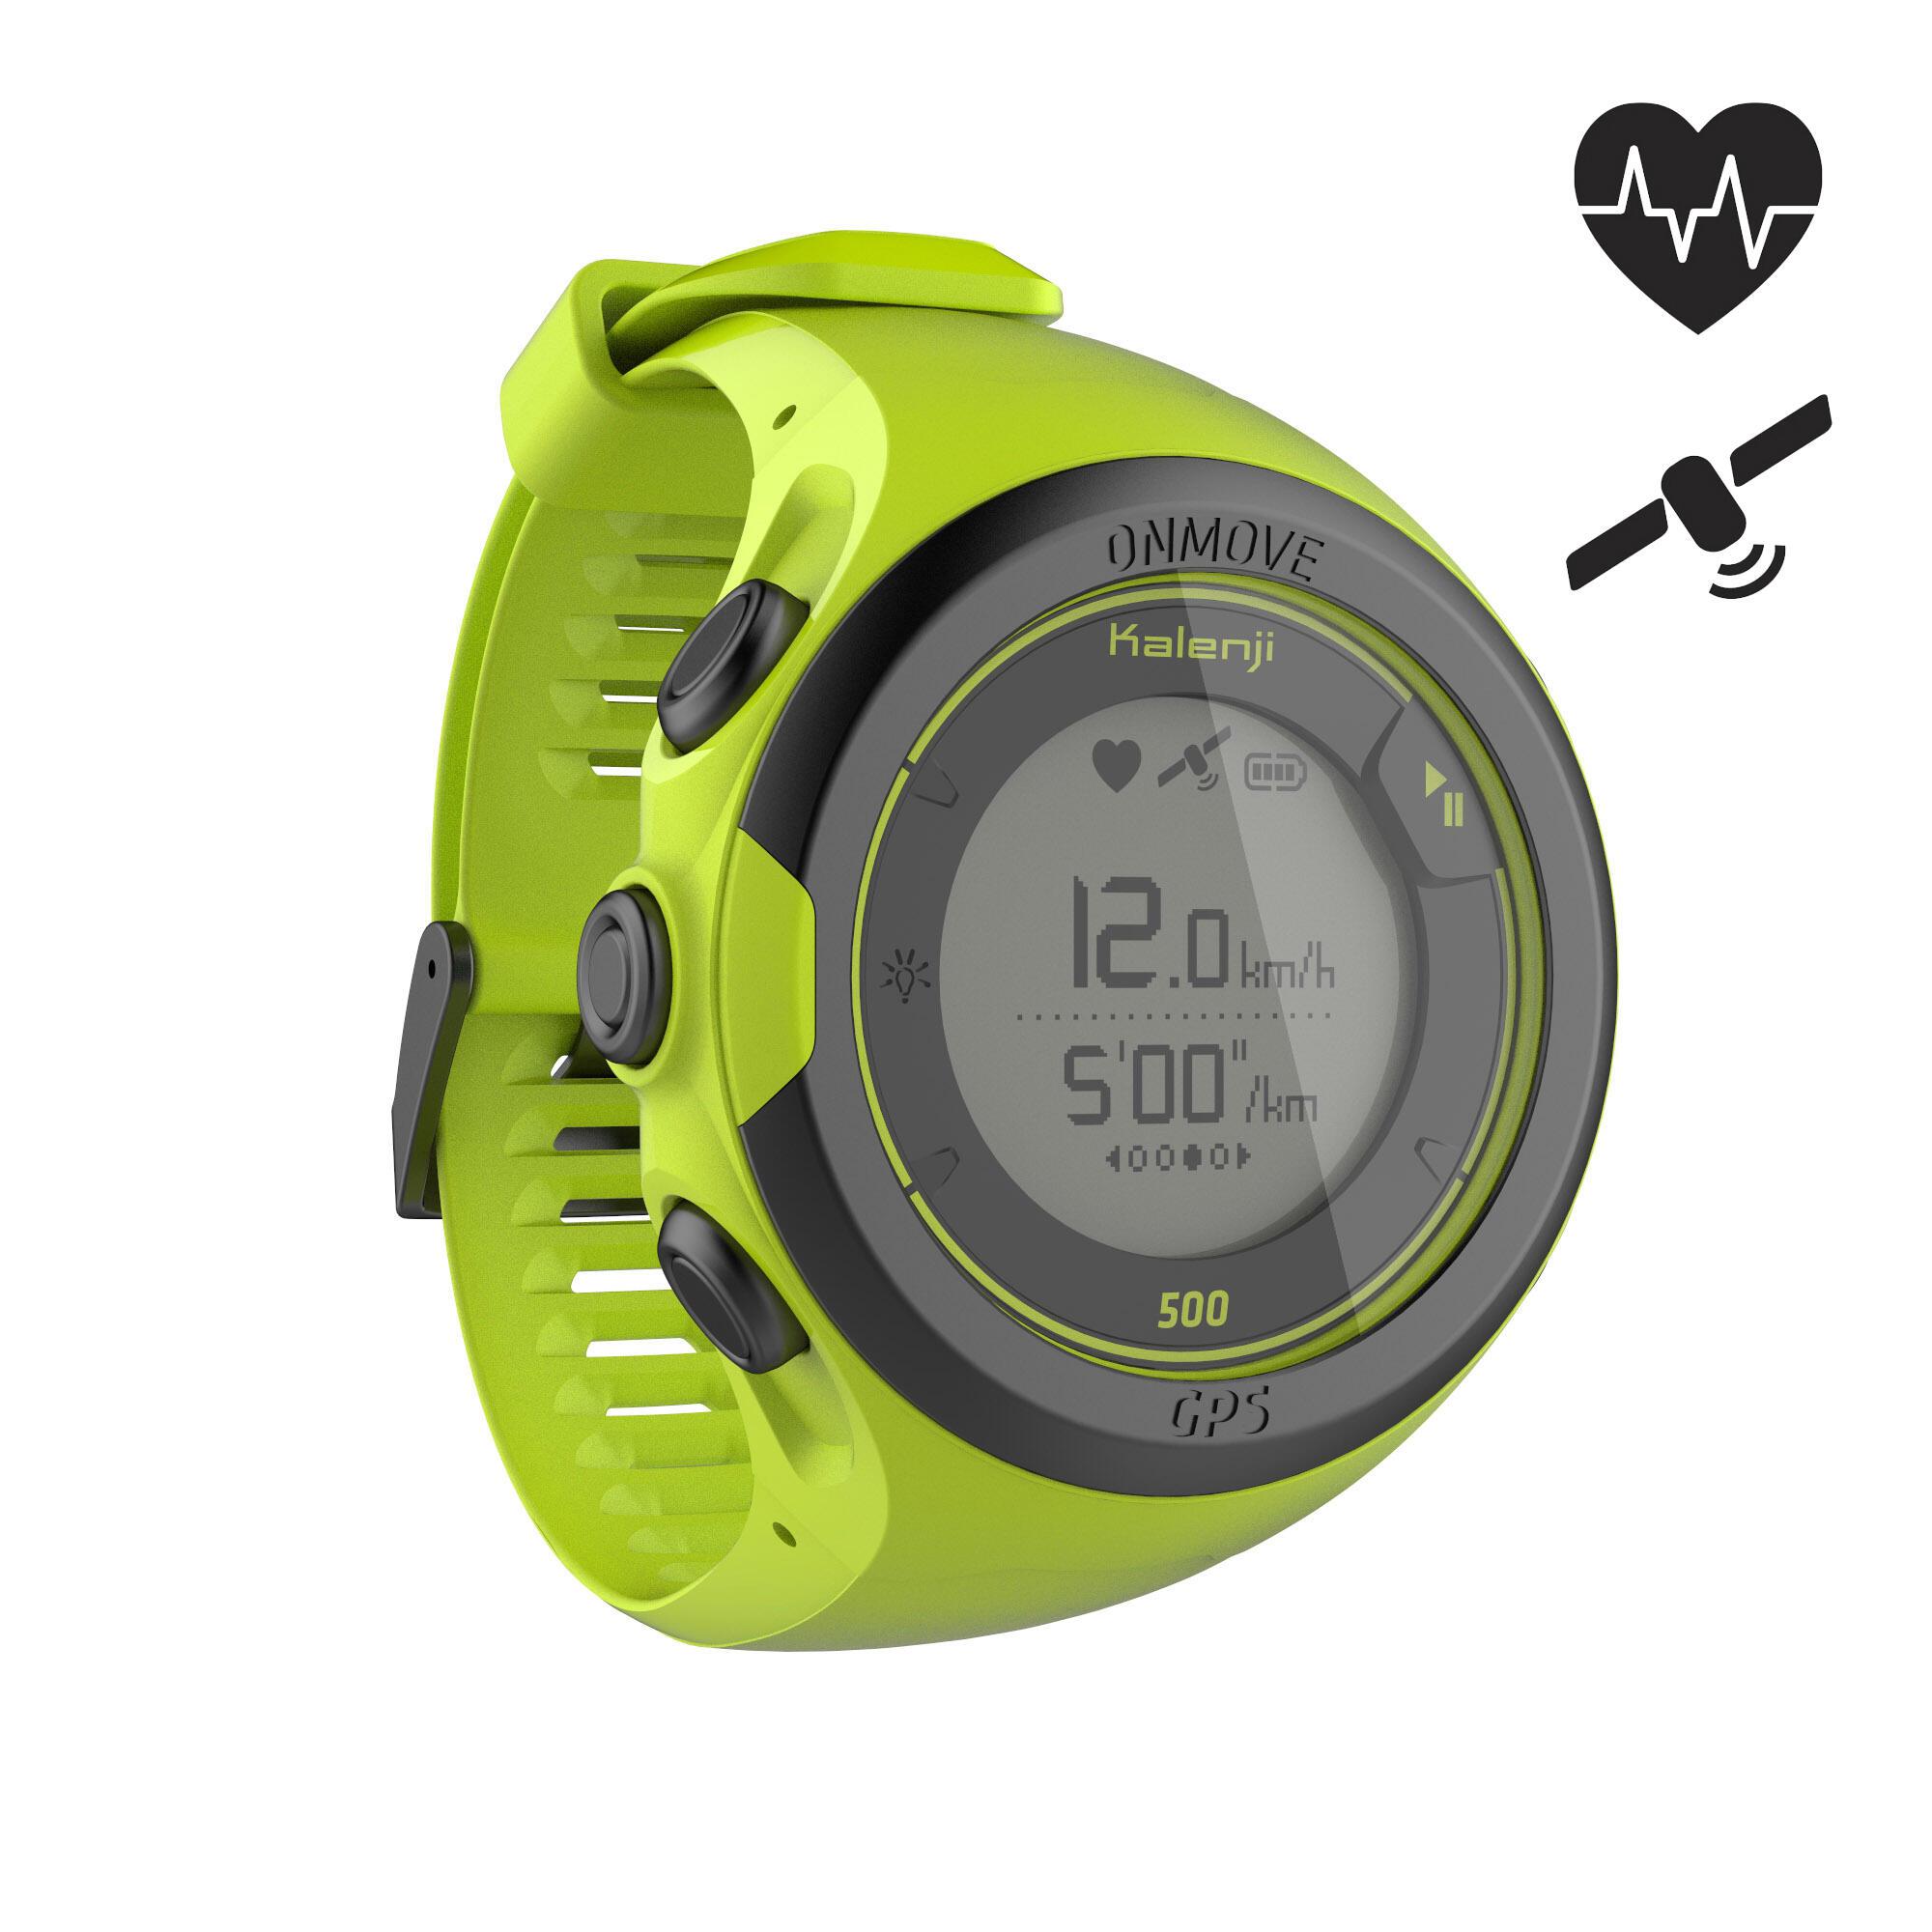 Kalenji Gps-horloge voor running en hartslagmeting aan de pols ONmove 500 thumbnail